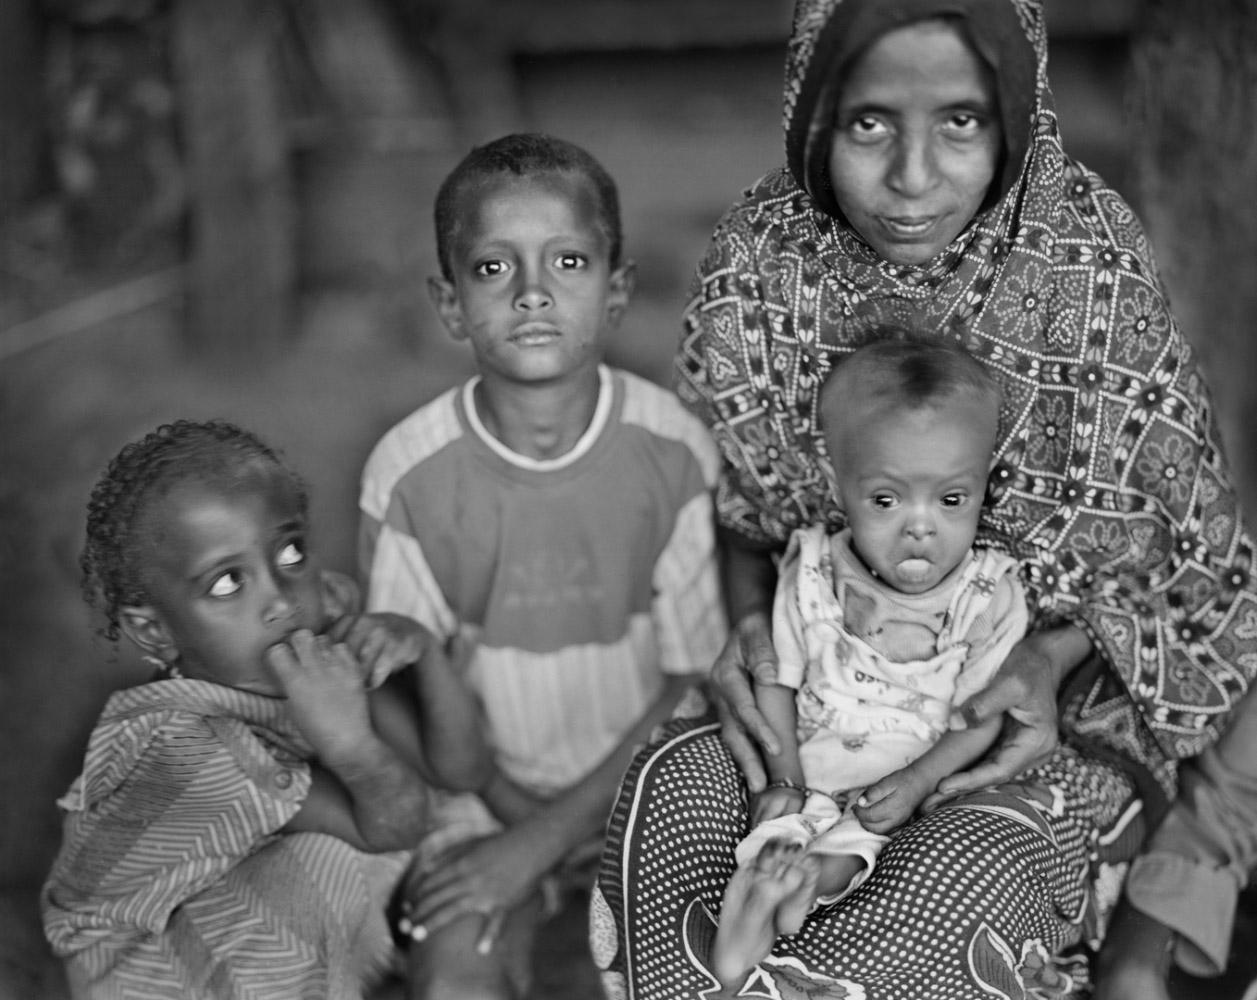 Ethiopia, Asayita, 2008